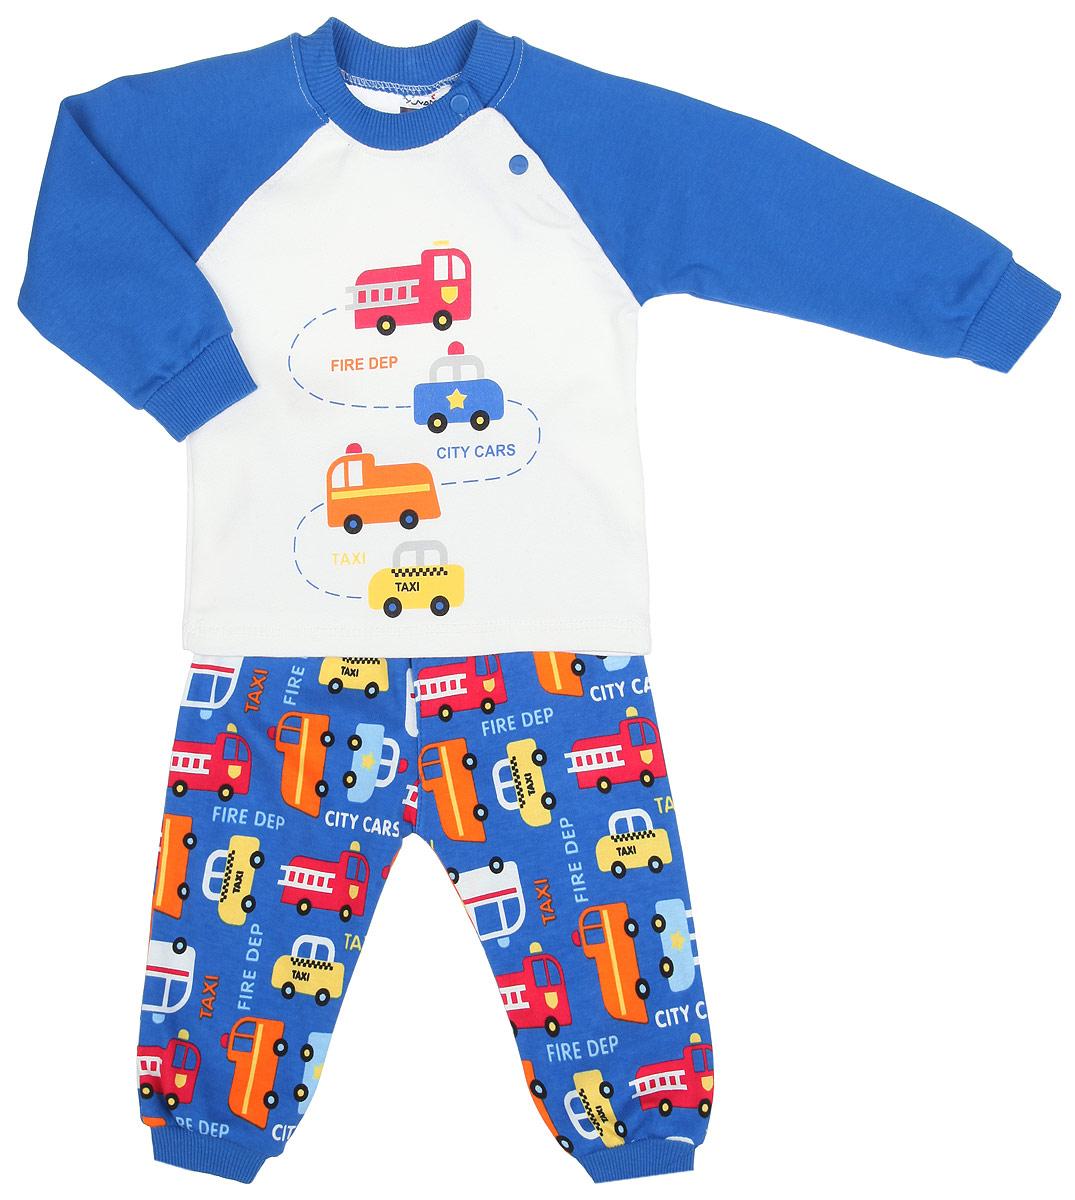 1342-9Комплект одежды для мальчика Yuvam, состоящий из футболки с длинный рукавом и штанишек, станет отличным дополнением к детскому гардеробу. Комплект изготовлен из натурального хлопка, тактильно приятный, не раздражает нежную кожу ребенка и хорошо вентилируется, обеспечивая комфорт. Футболка с круглым вырезом горловины и длинными рукавами-реглан застегивается на кнопки по плечевому шву, что позволит легко переодеть малыша. Вырез горловины дополнен трикотажной резинкой. На рукавах имеются мягкие манжеты. Штанишки имеют на поясе мягкую эластичную резинку, благодаря чему они не сдавливают животик ребенка и не сползают. На брючинах предусмотрены манжеты. Оформлено изделие принтом с изображением машинок и принтовыми надписями. В таком комплекте ребенок всегда будет в центре внимания!